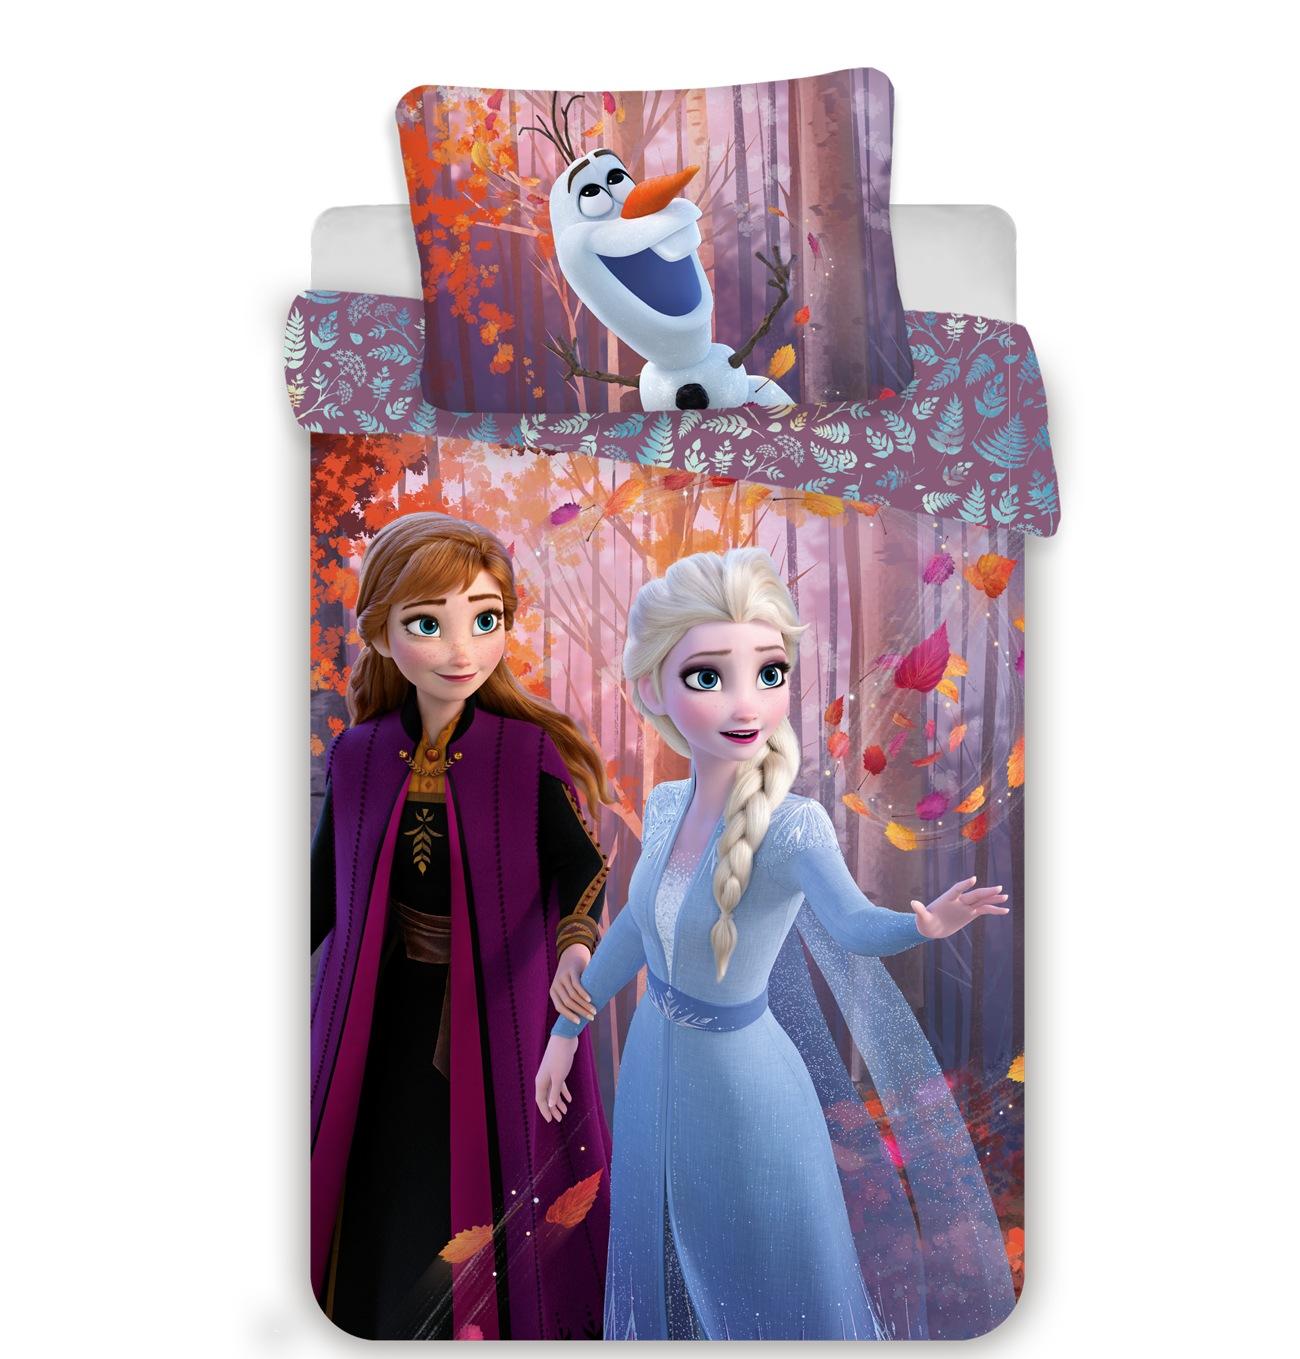 Povlečení Frozen 2 sister purple 140x200, 70x90 cm